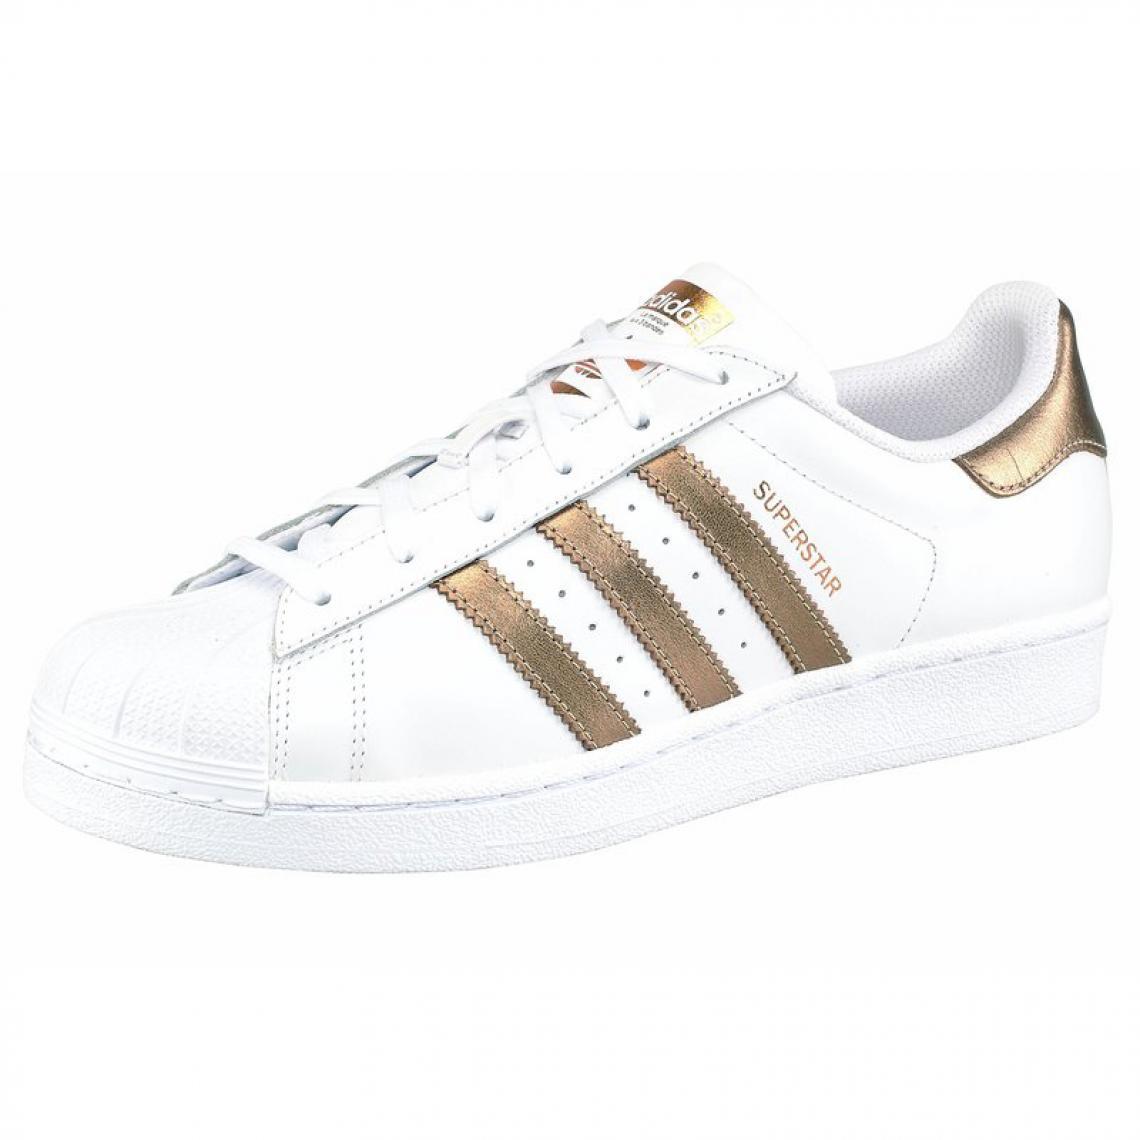 174637da0b9 Chaussures de sport ADIDAS Originals Sneaker Superstar W pour femme - Blanc  Adidas Originals Femme